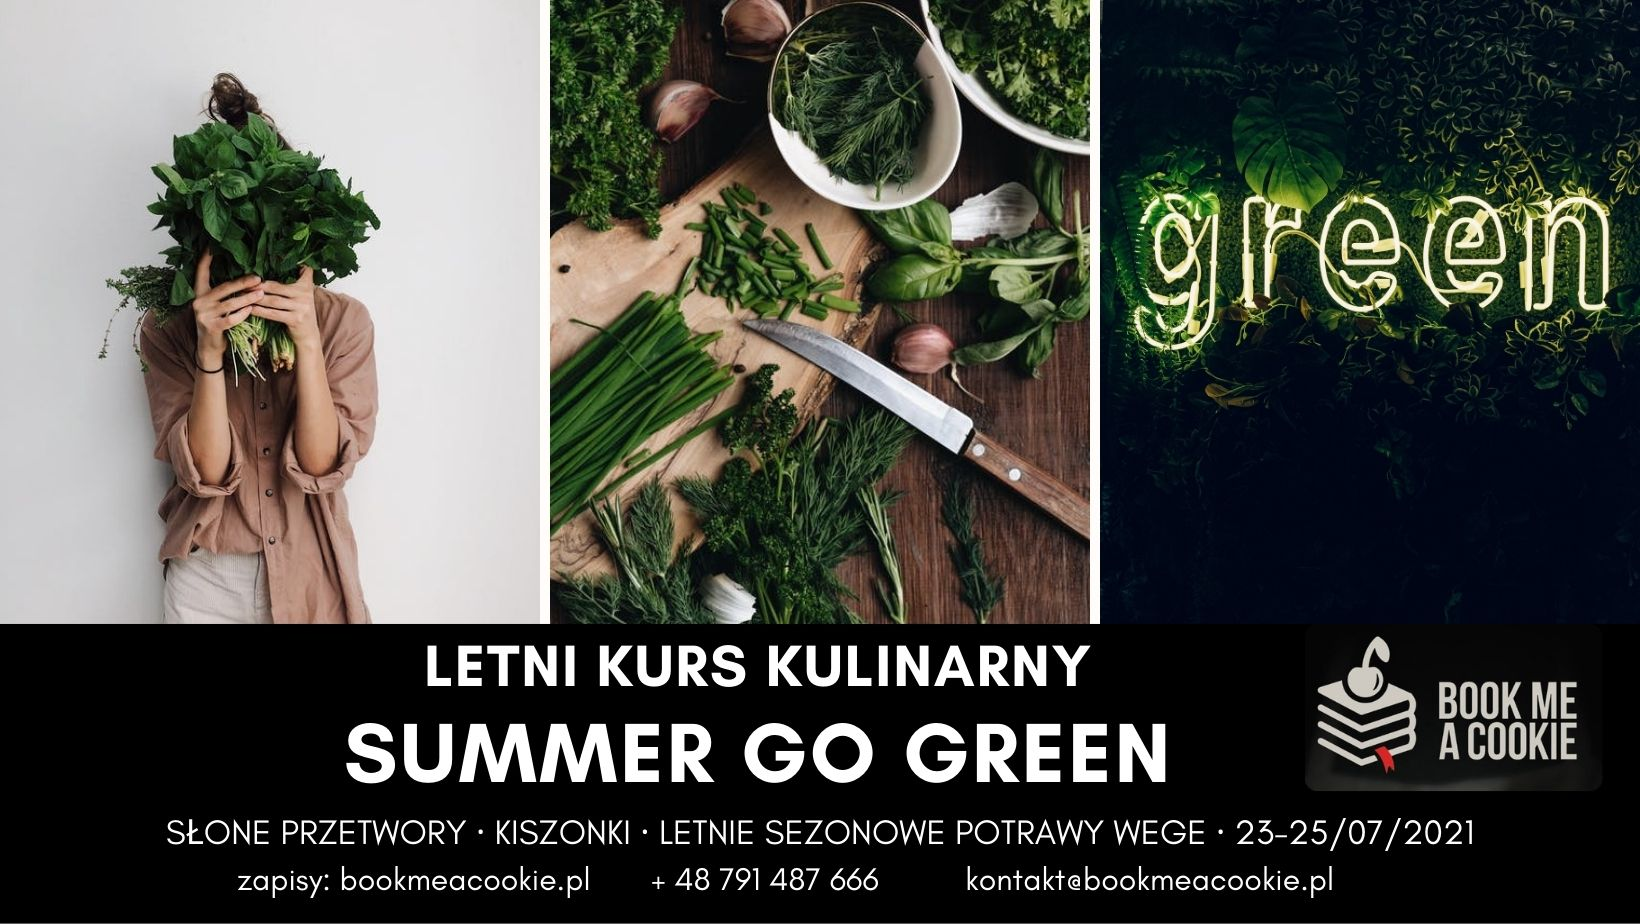 Letni kurs kulinarny: Kiszonki i letnie wege z Book me a cookie